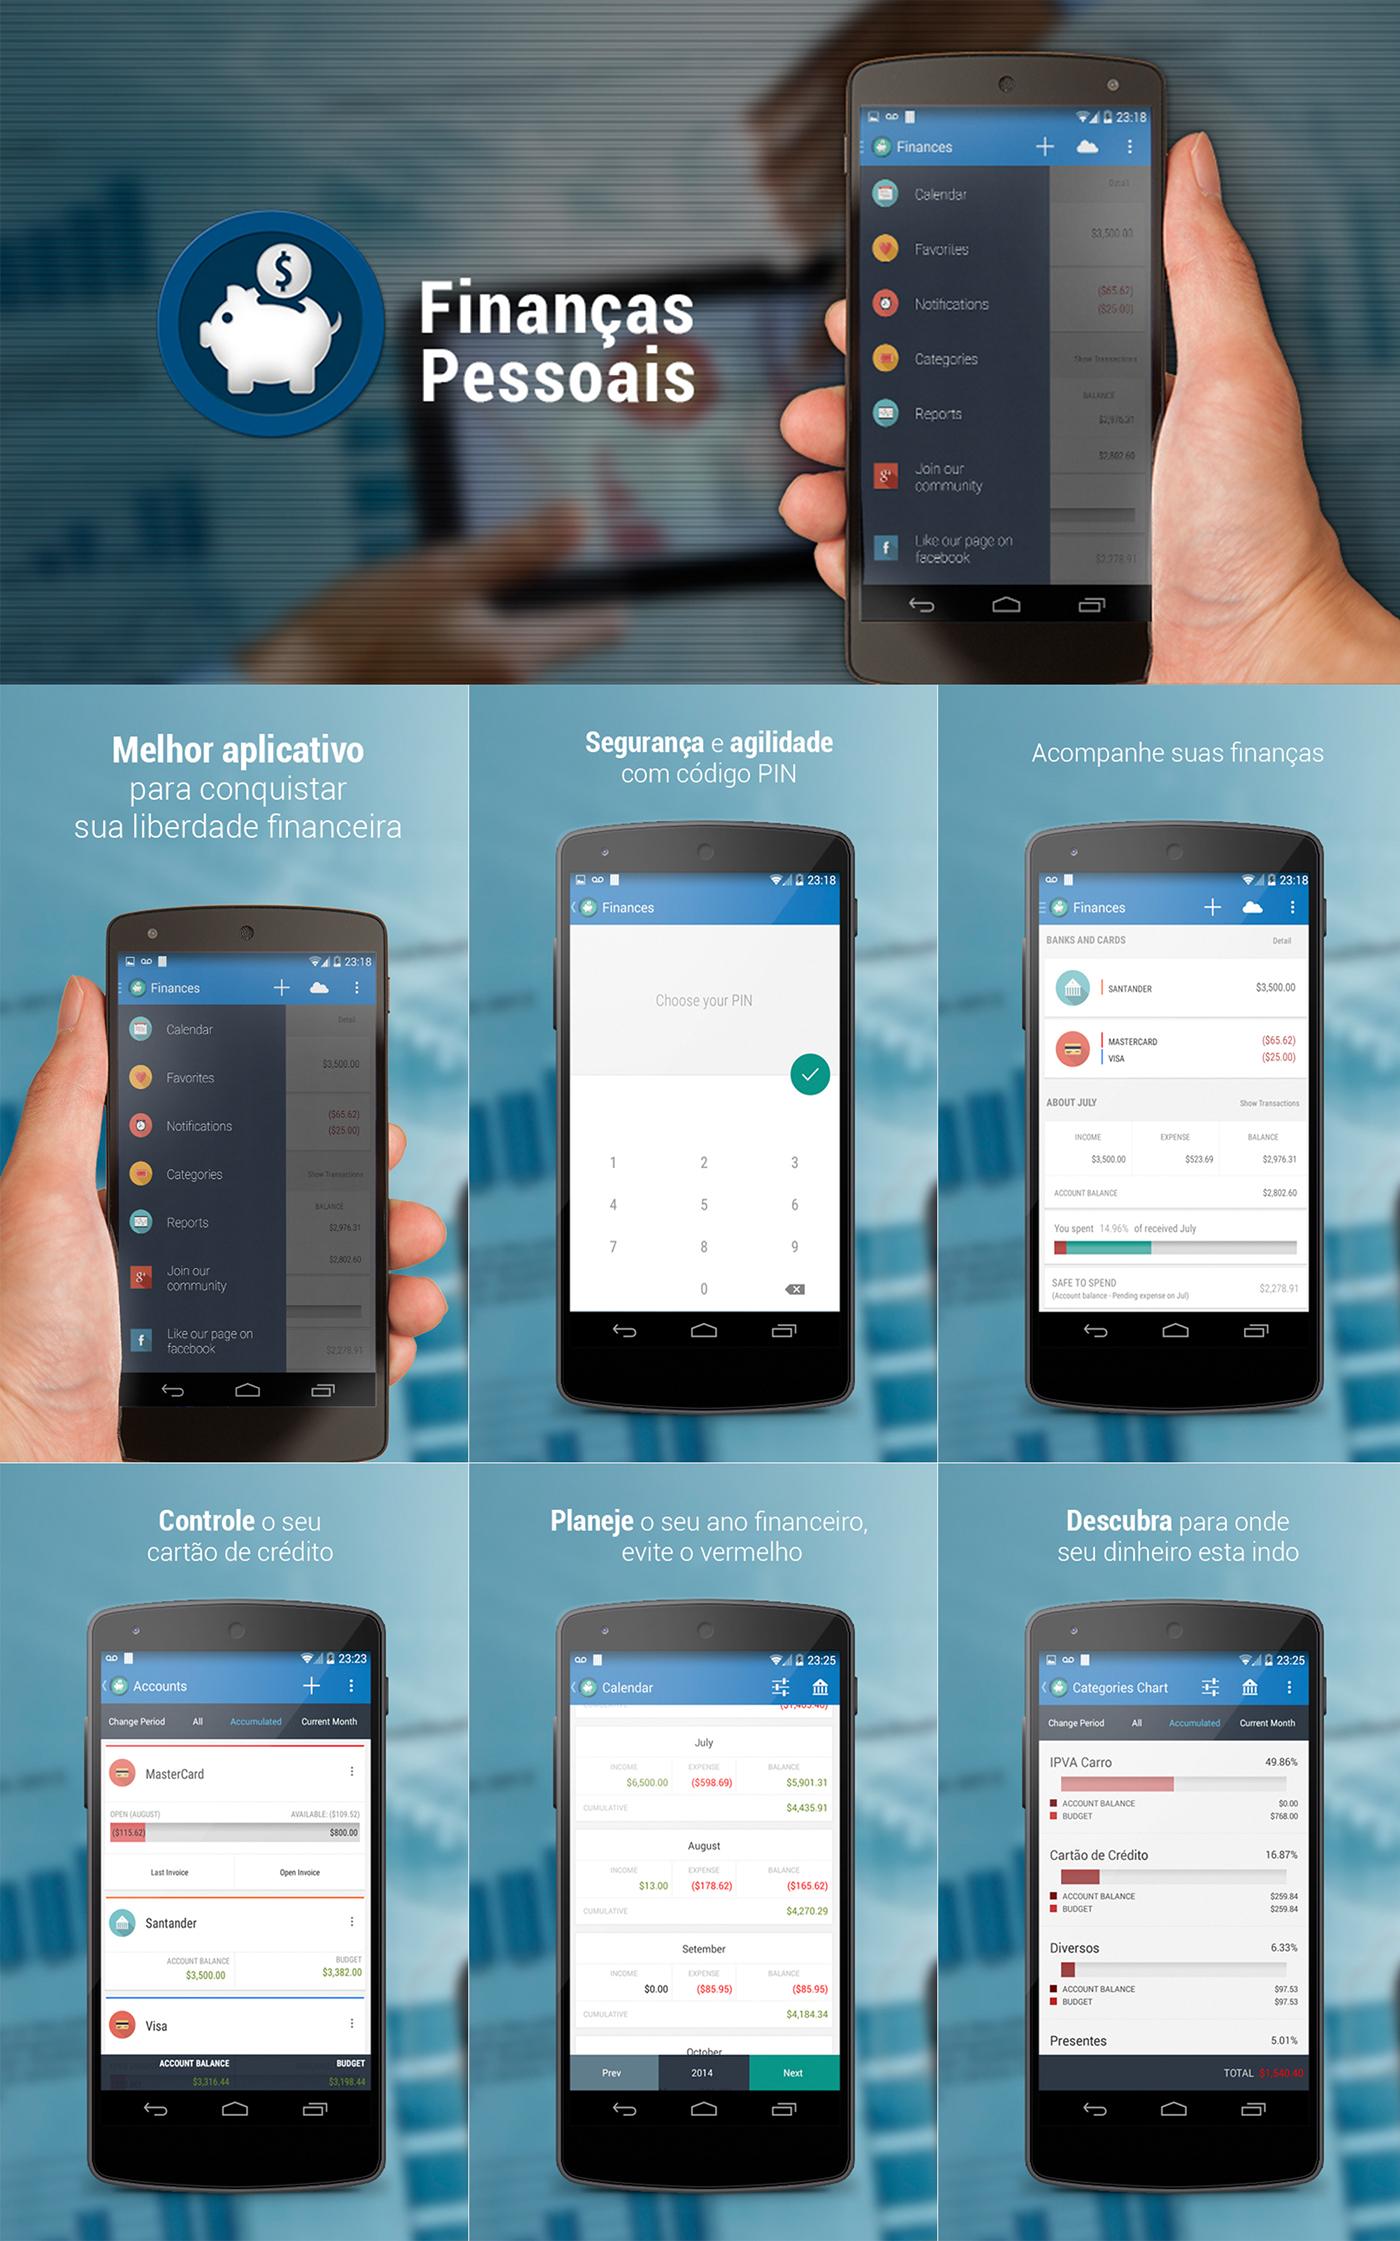 aplicativo gerenciamento financeiro finanças app finances Interface brand Icon